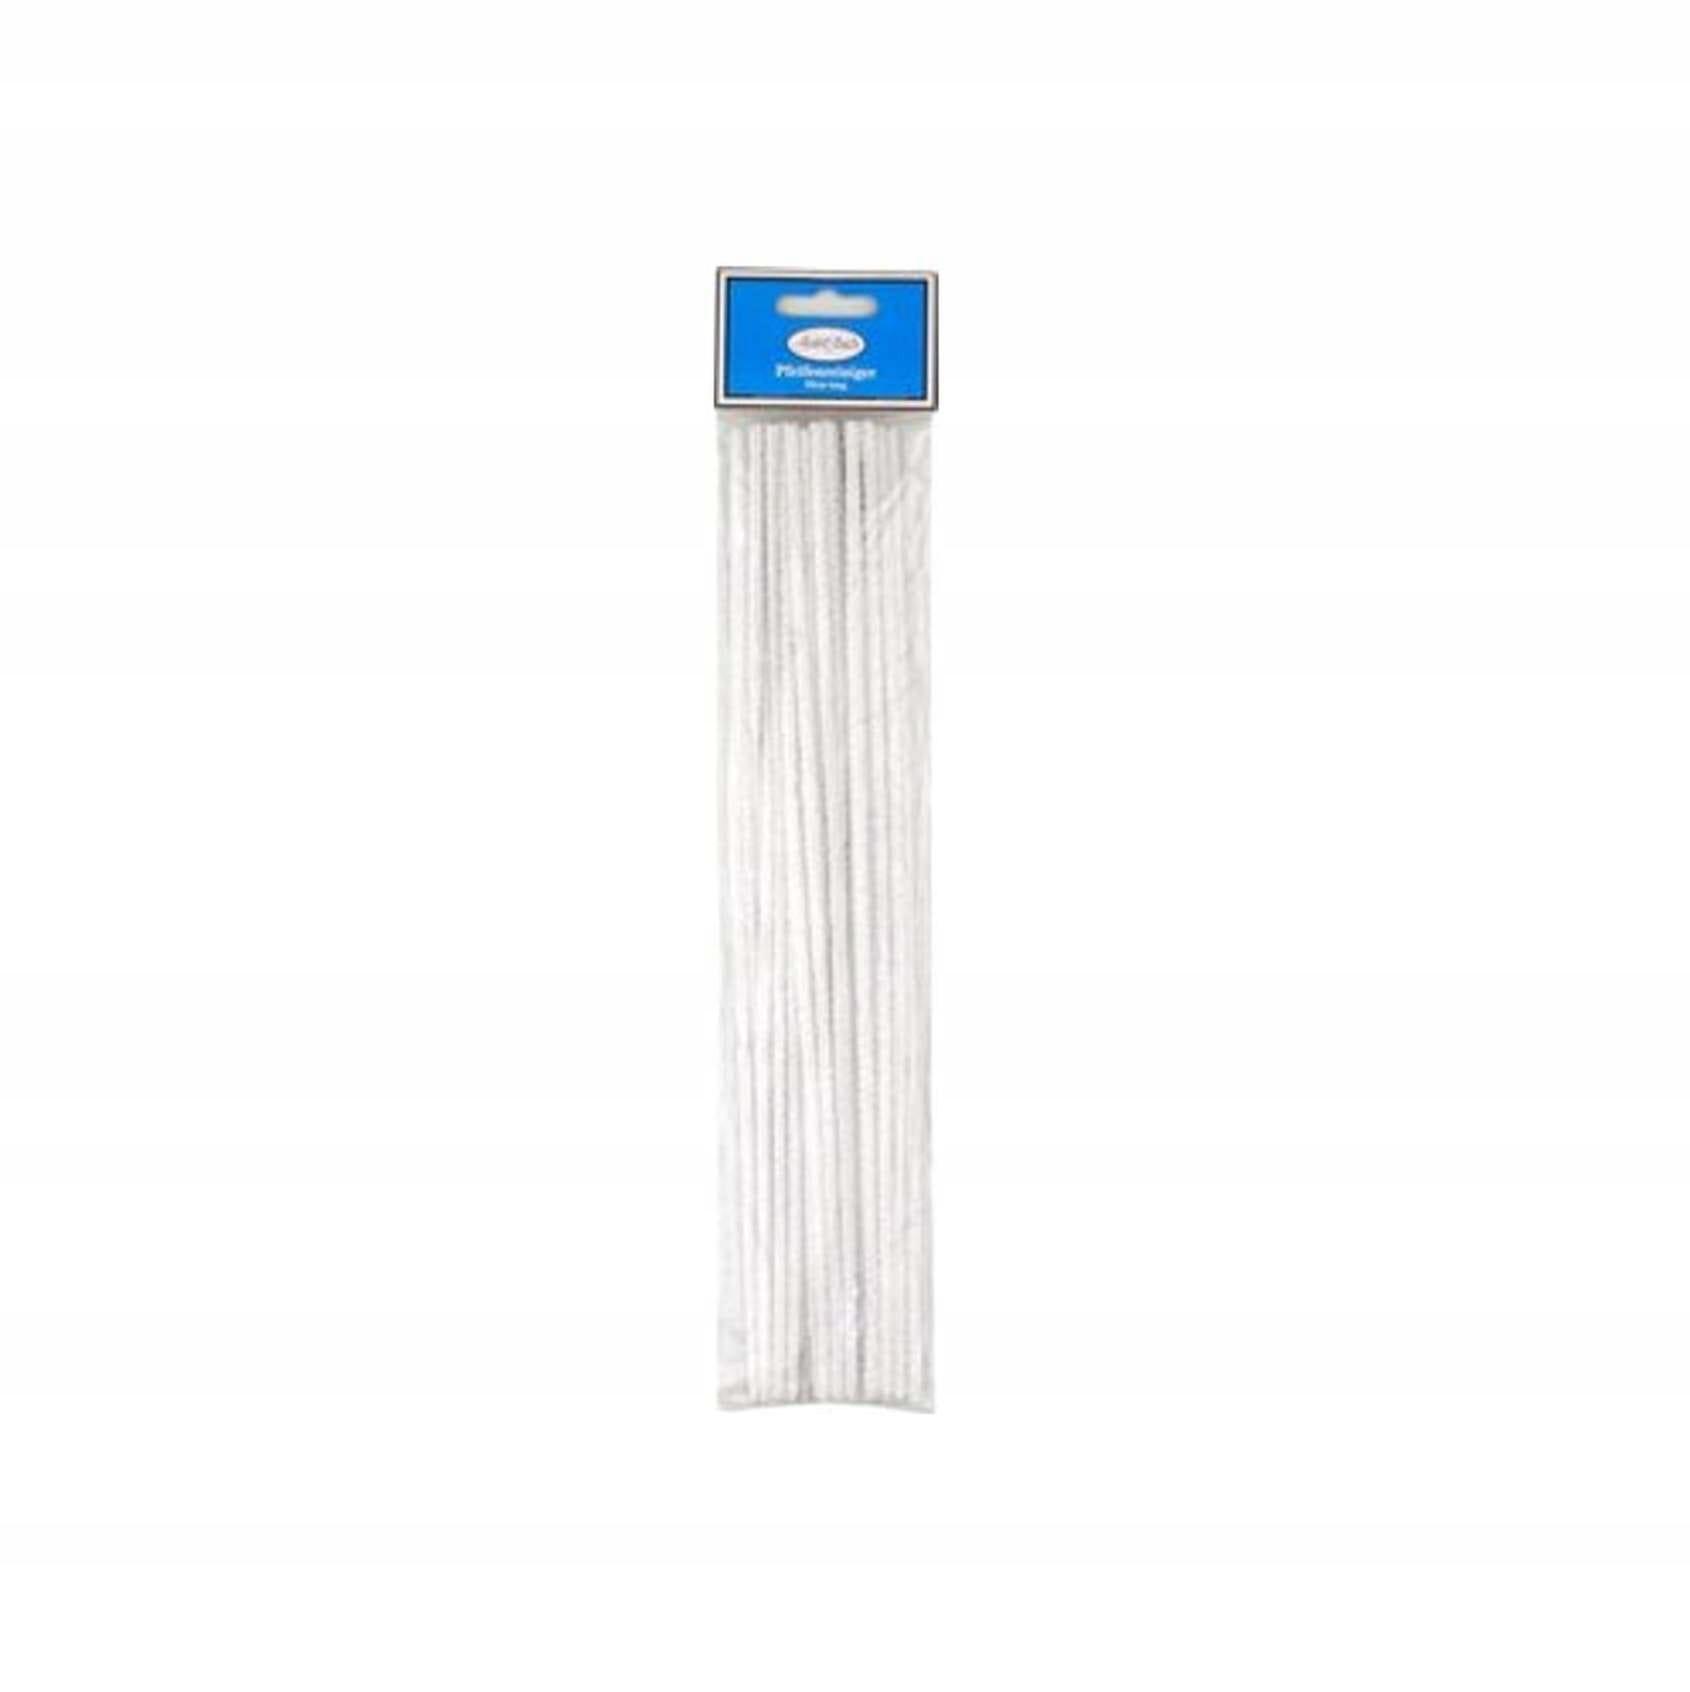 Длинные столовые приборы 30 см JEAN CLAUDE 25 шт. BrogShop